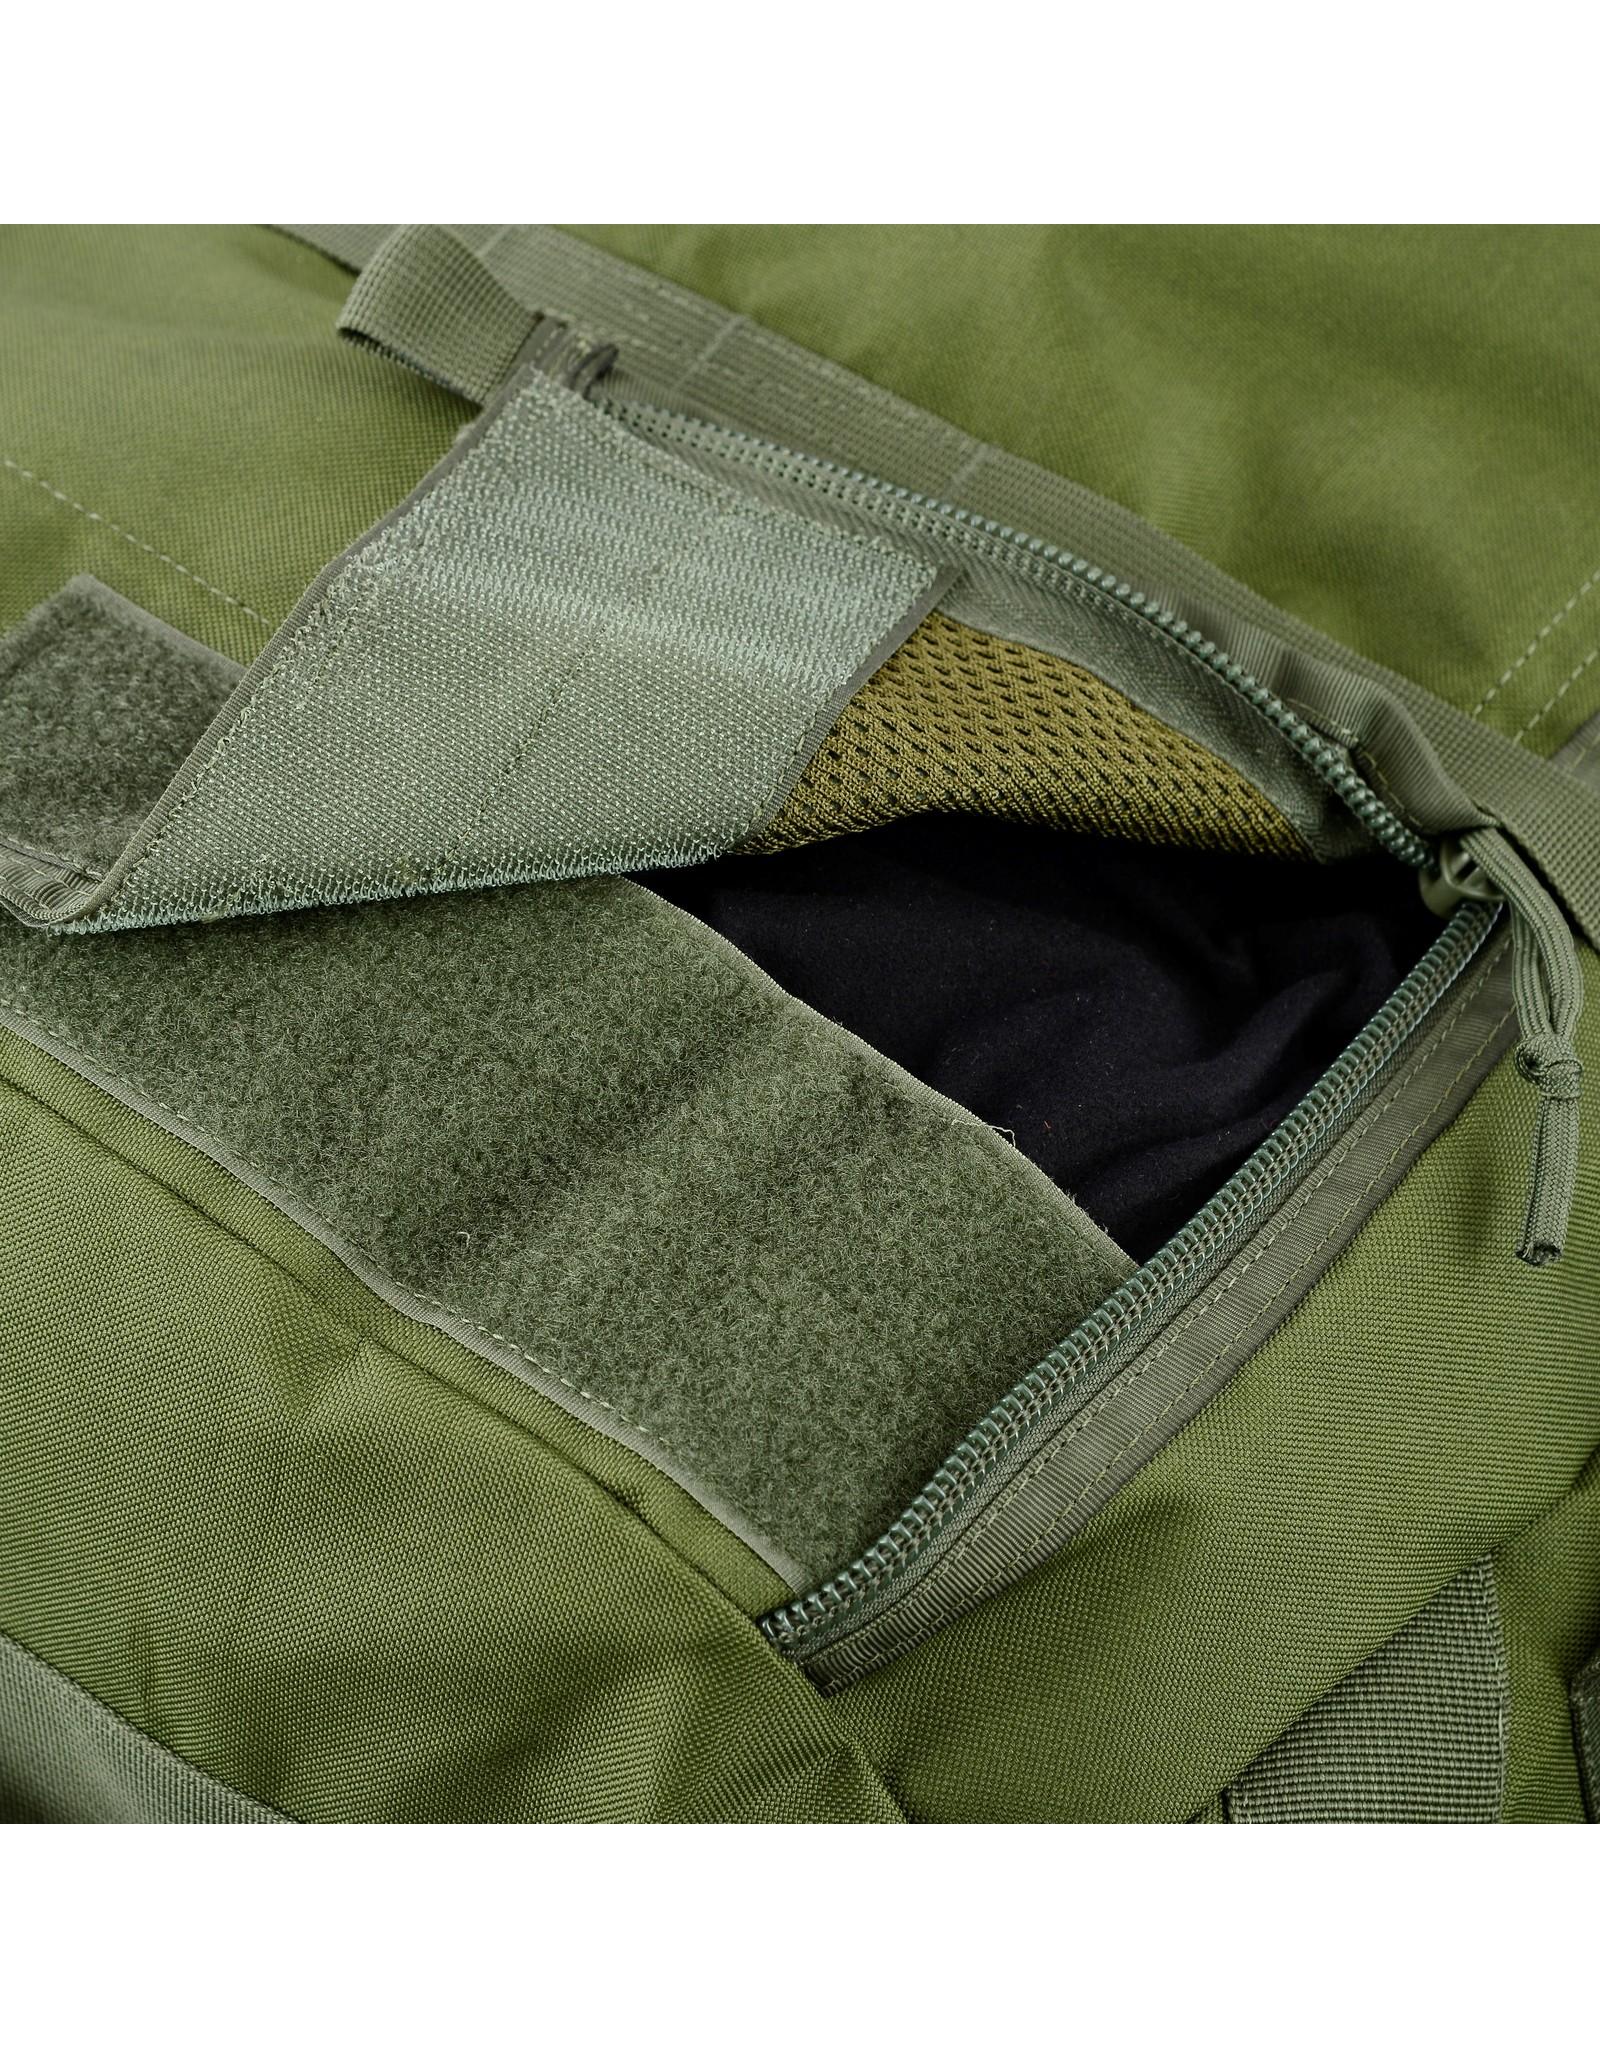 TRG SAS REDFOX DUFFLE PATROL BAG- OLIVE